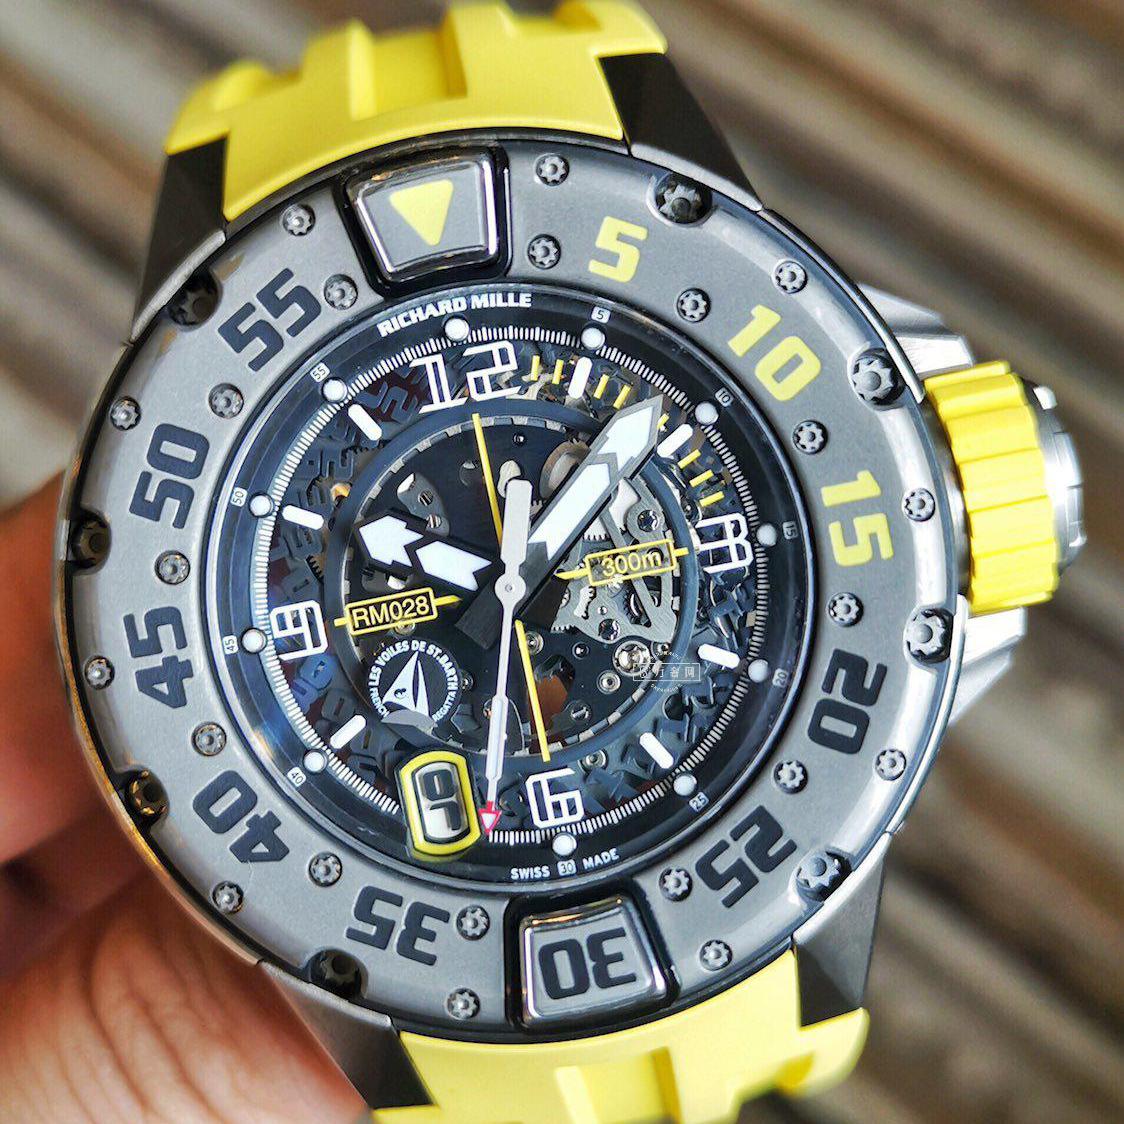 リシャール ミル オートマチック RM028コピー時計